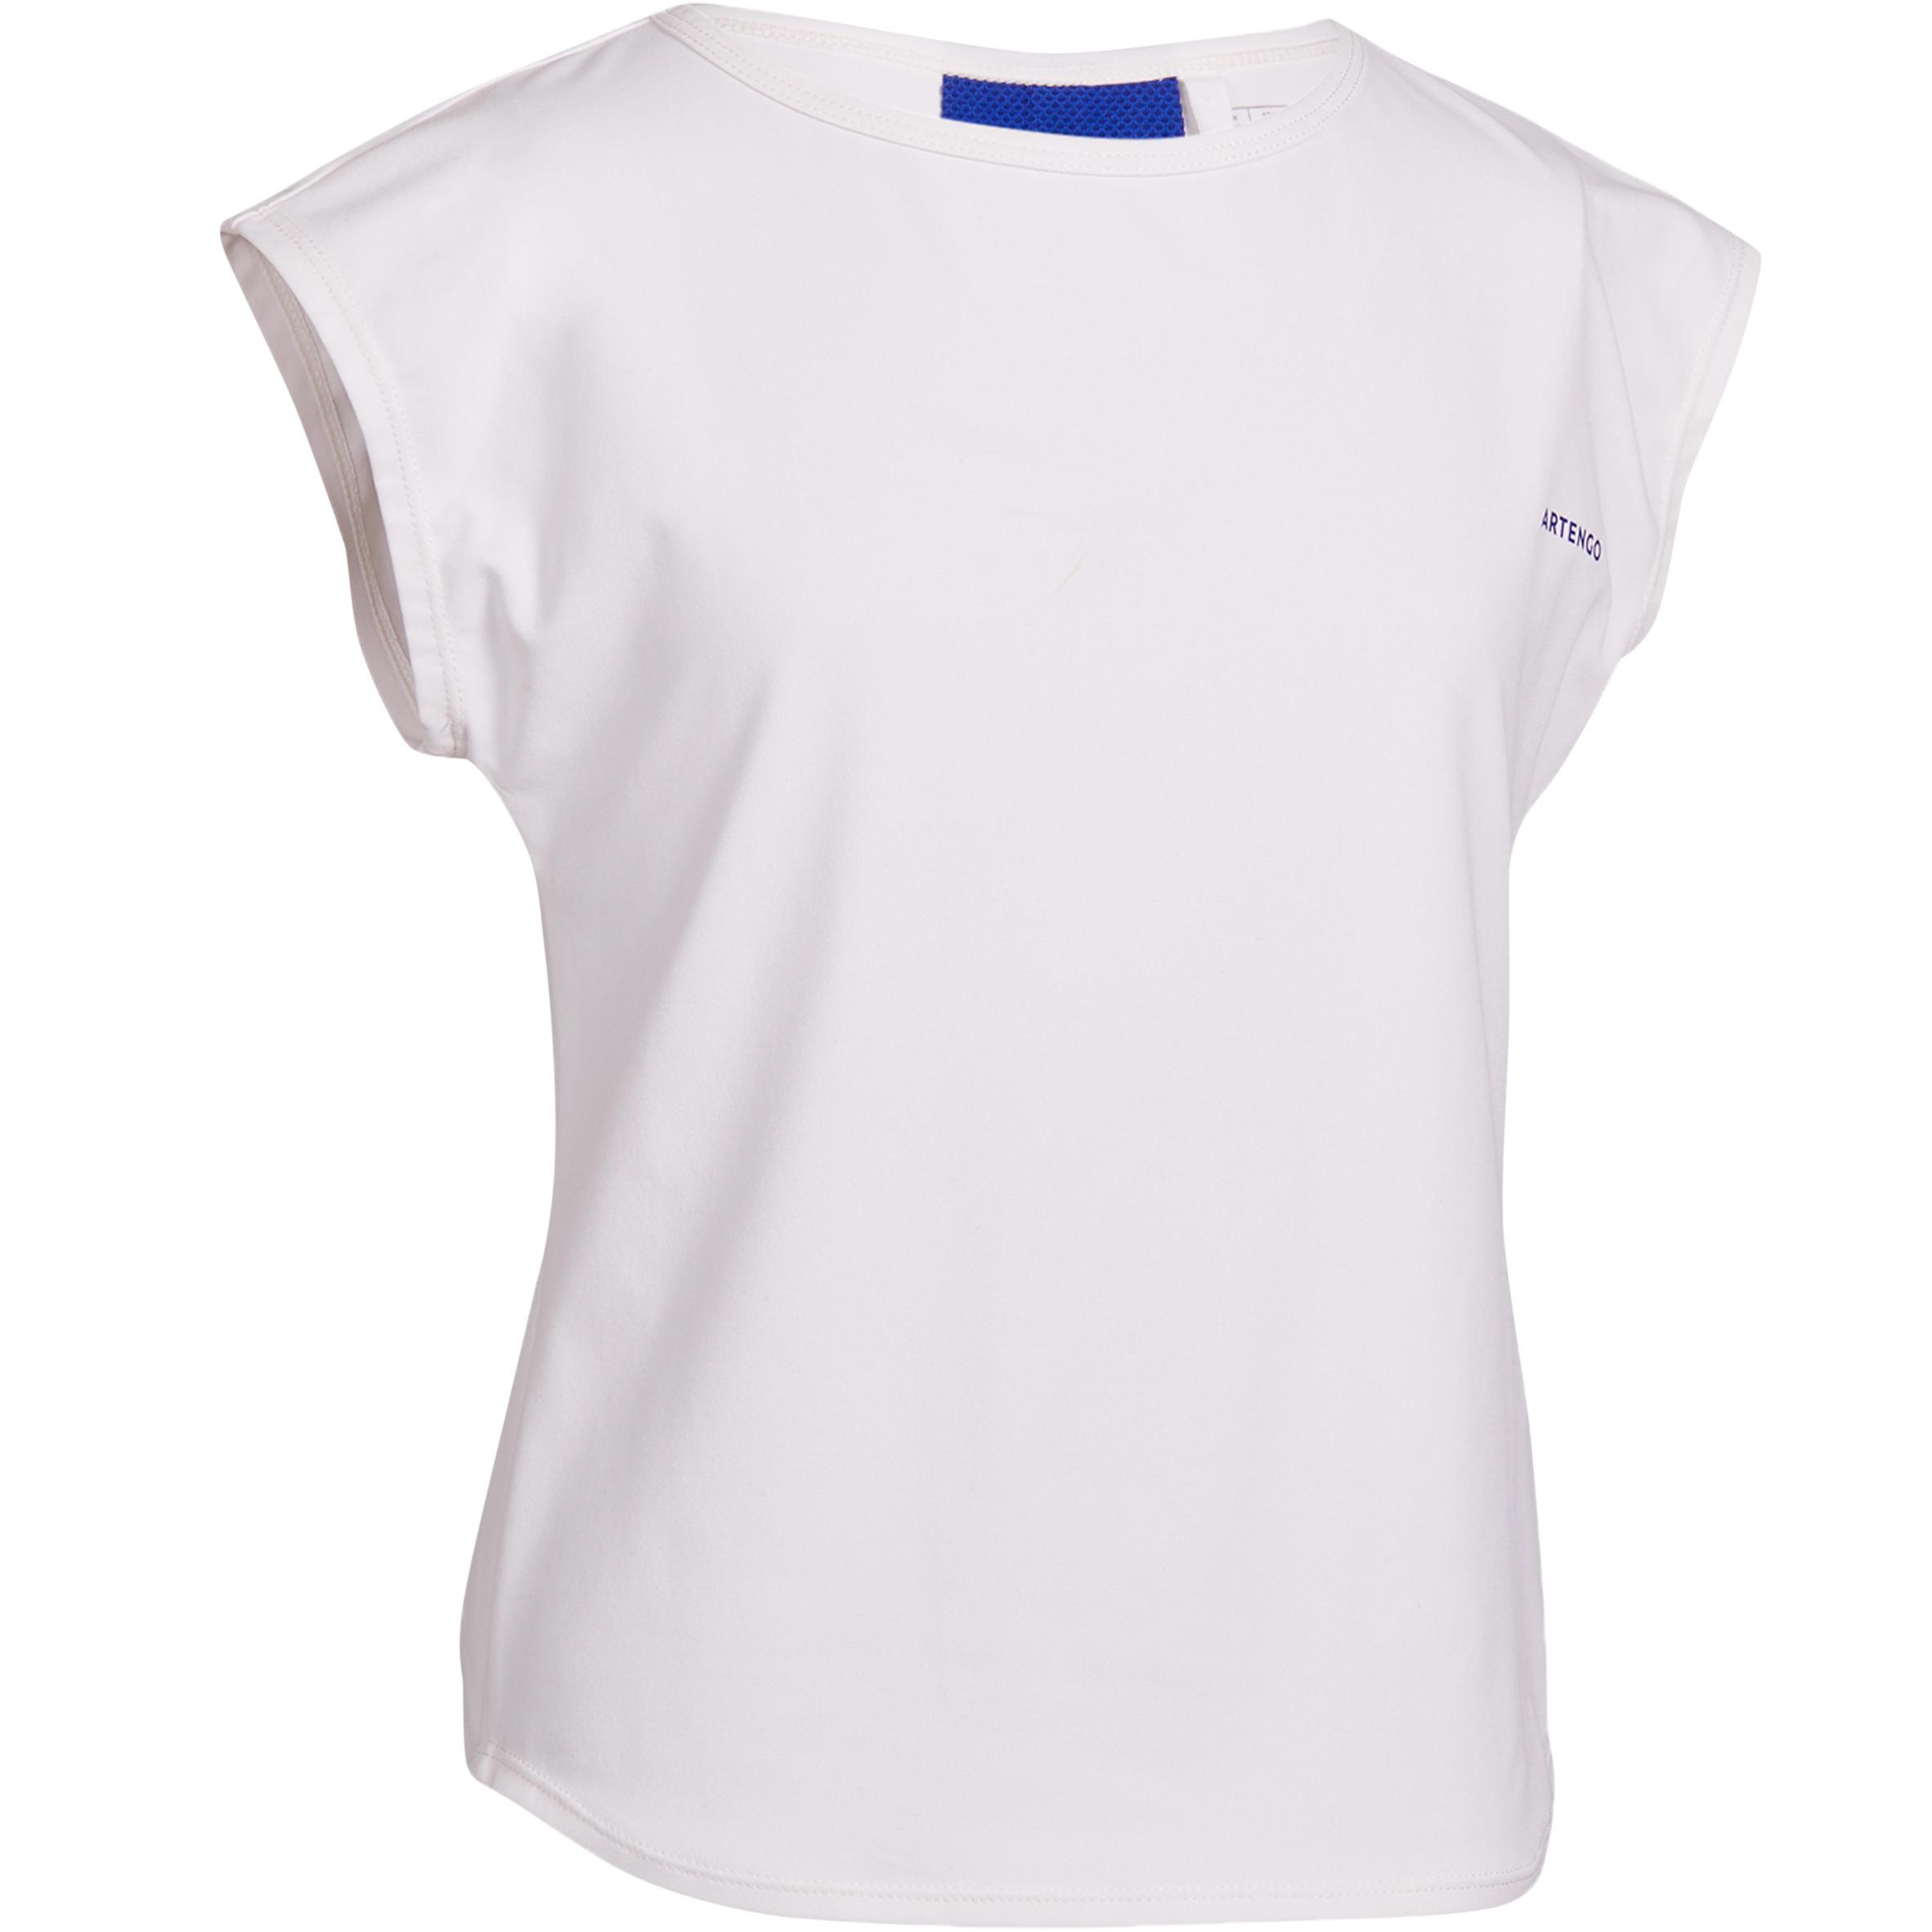 500 Girls' T-Shirt...